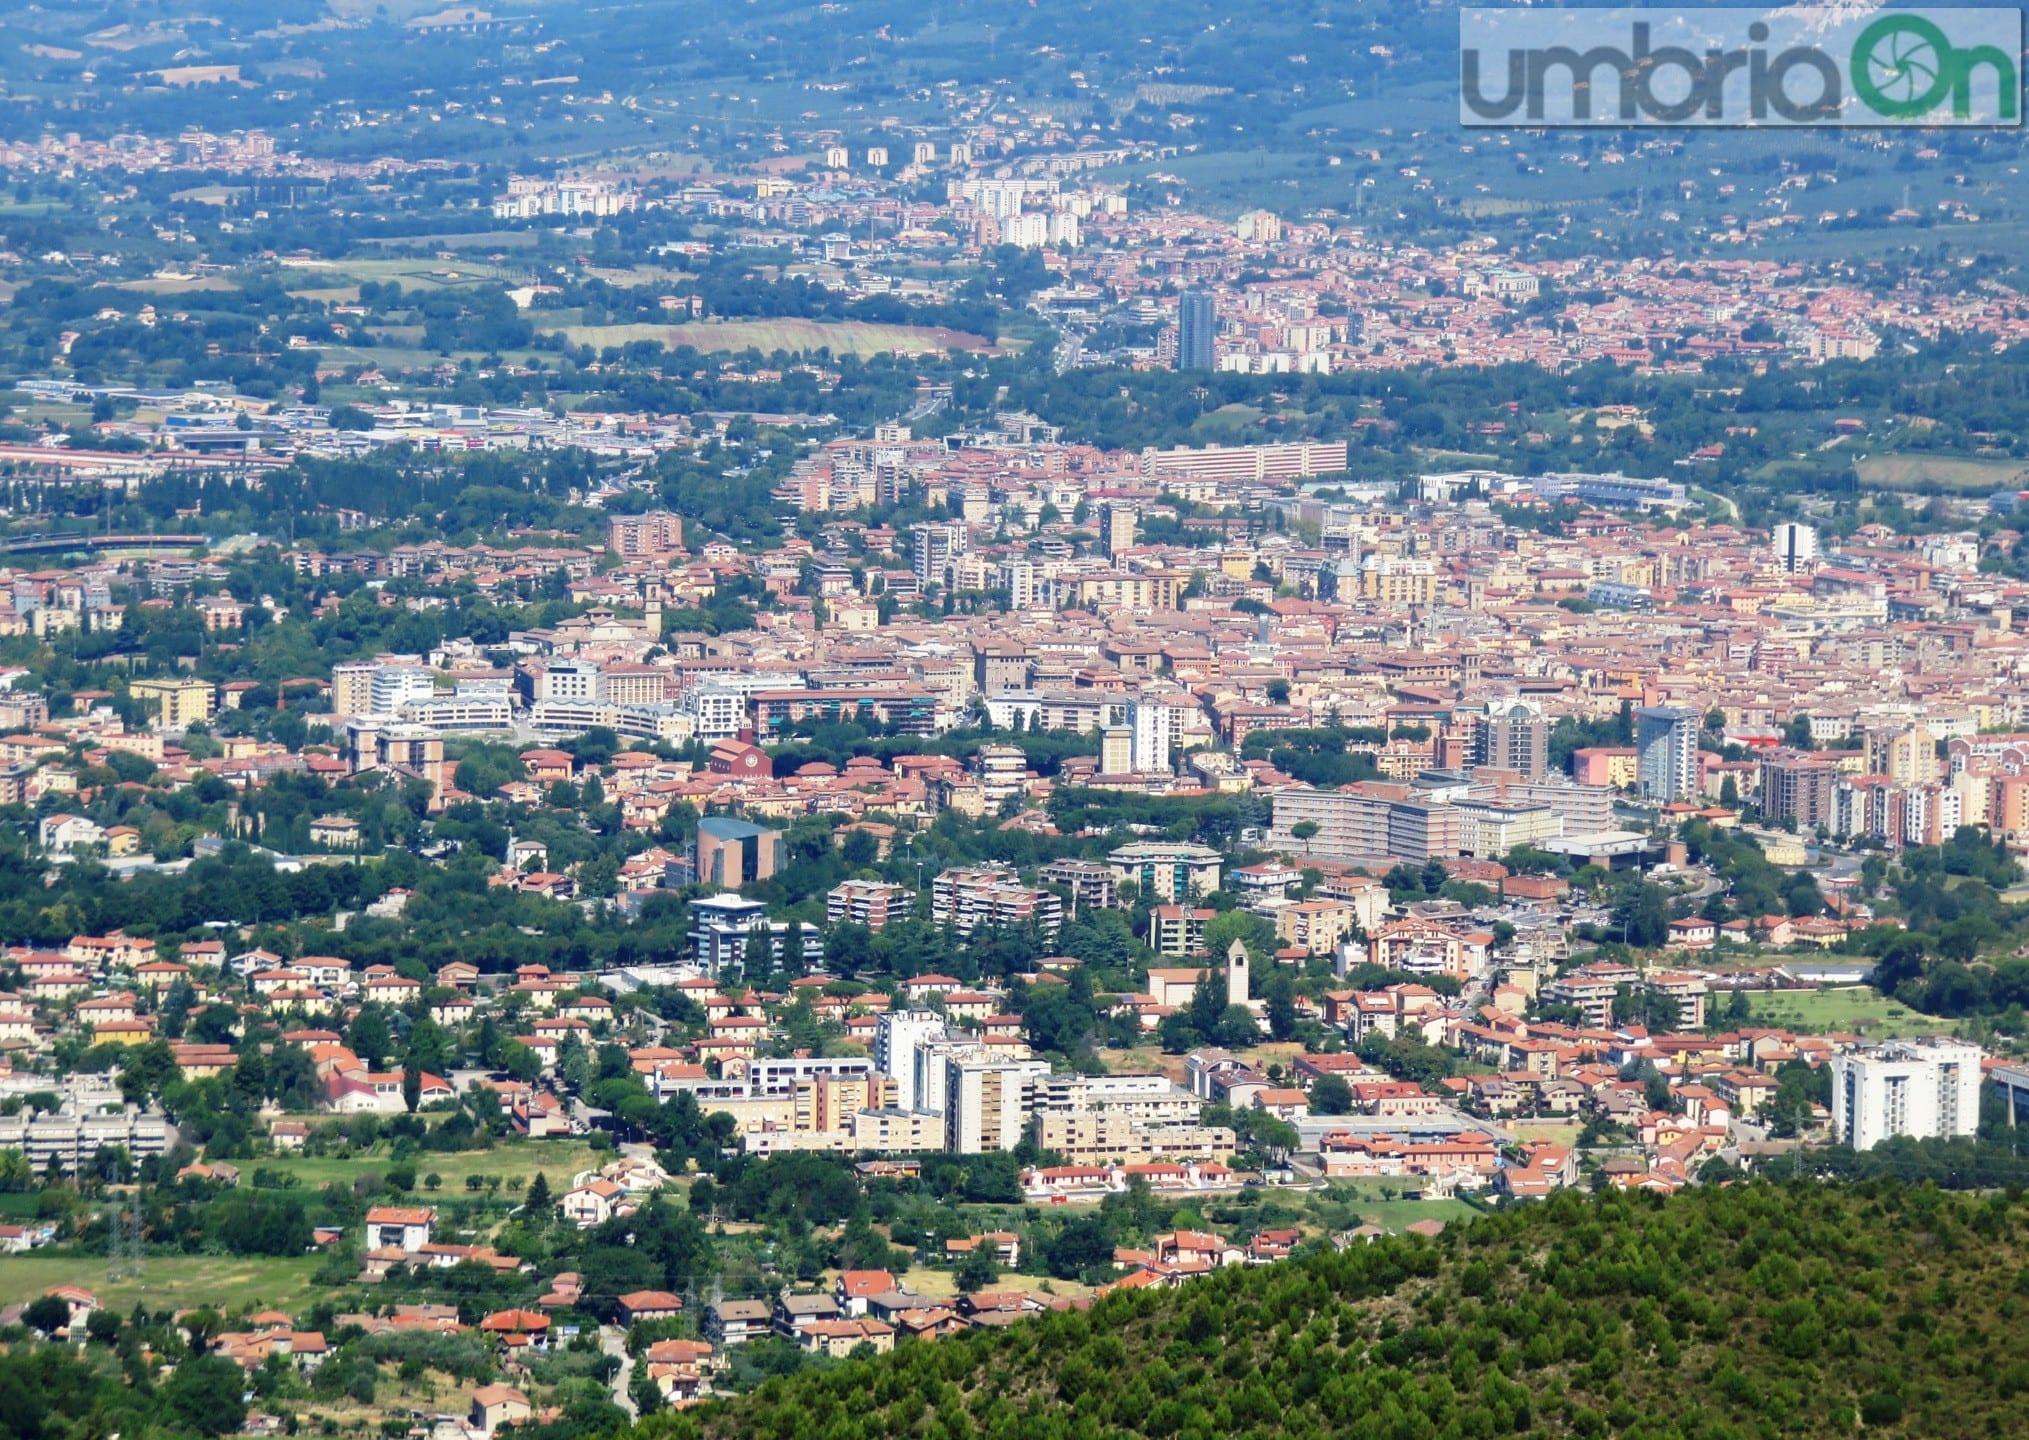 Ecosistema urbano, passi indietro per la città